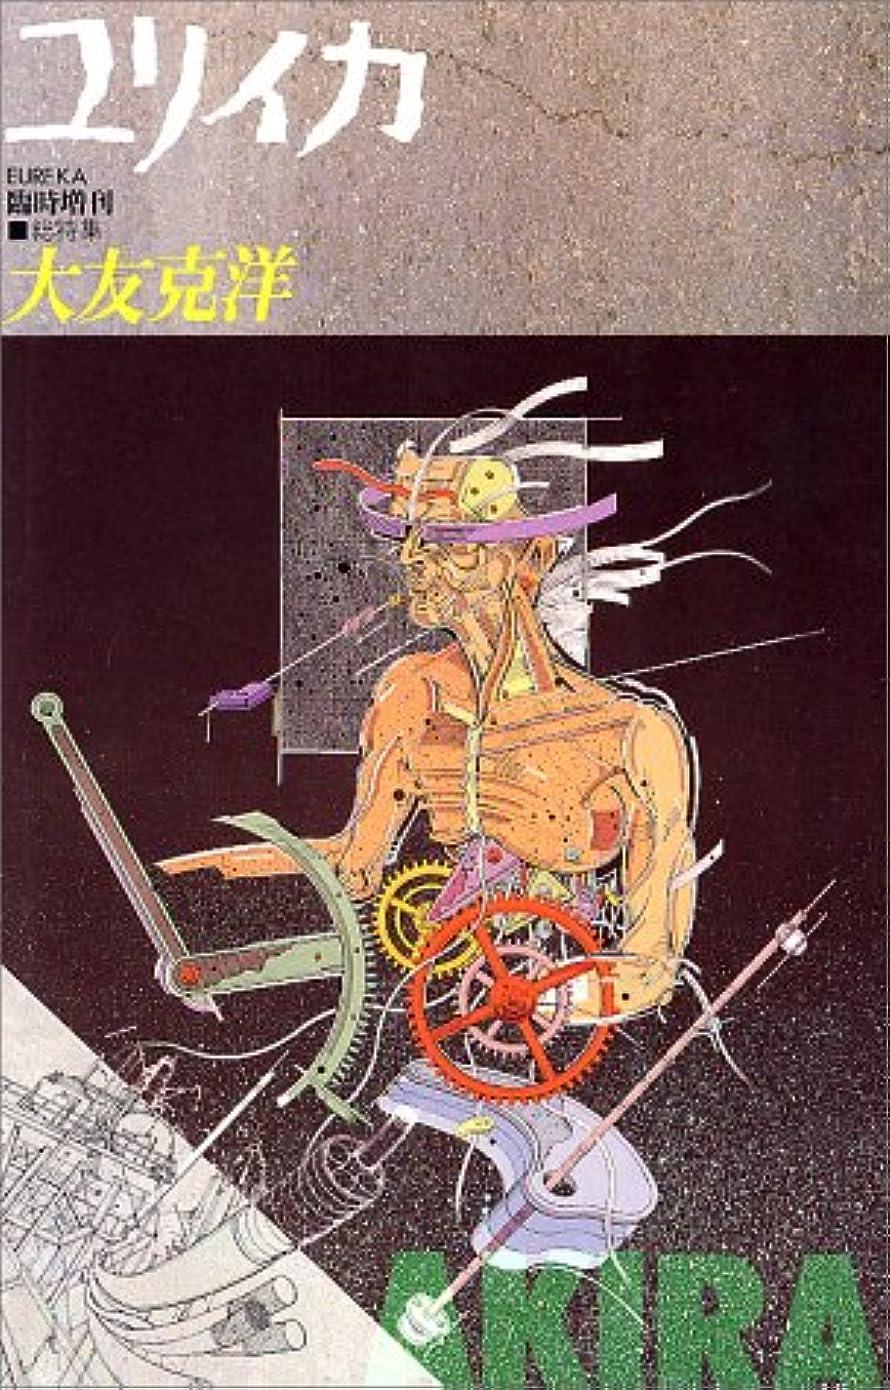 説教香水アルコールレヴィ=ストロース (1974年) (現代思想全書)